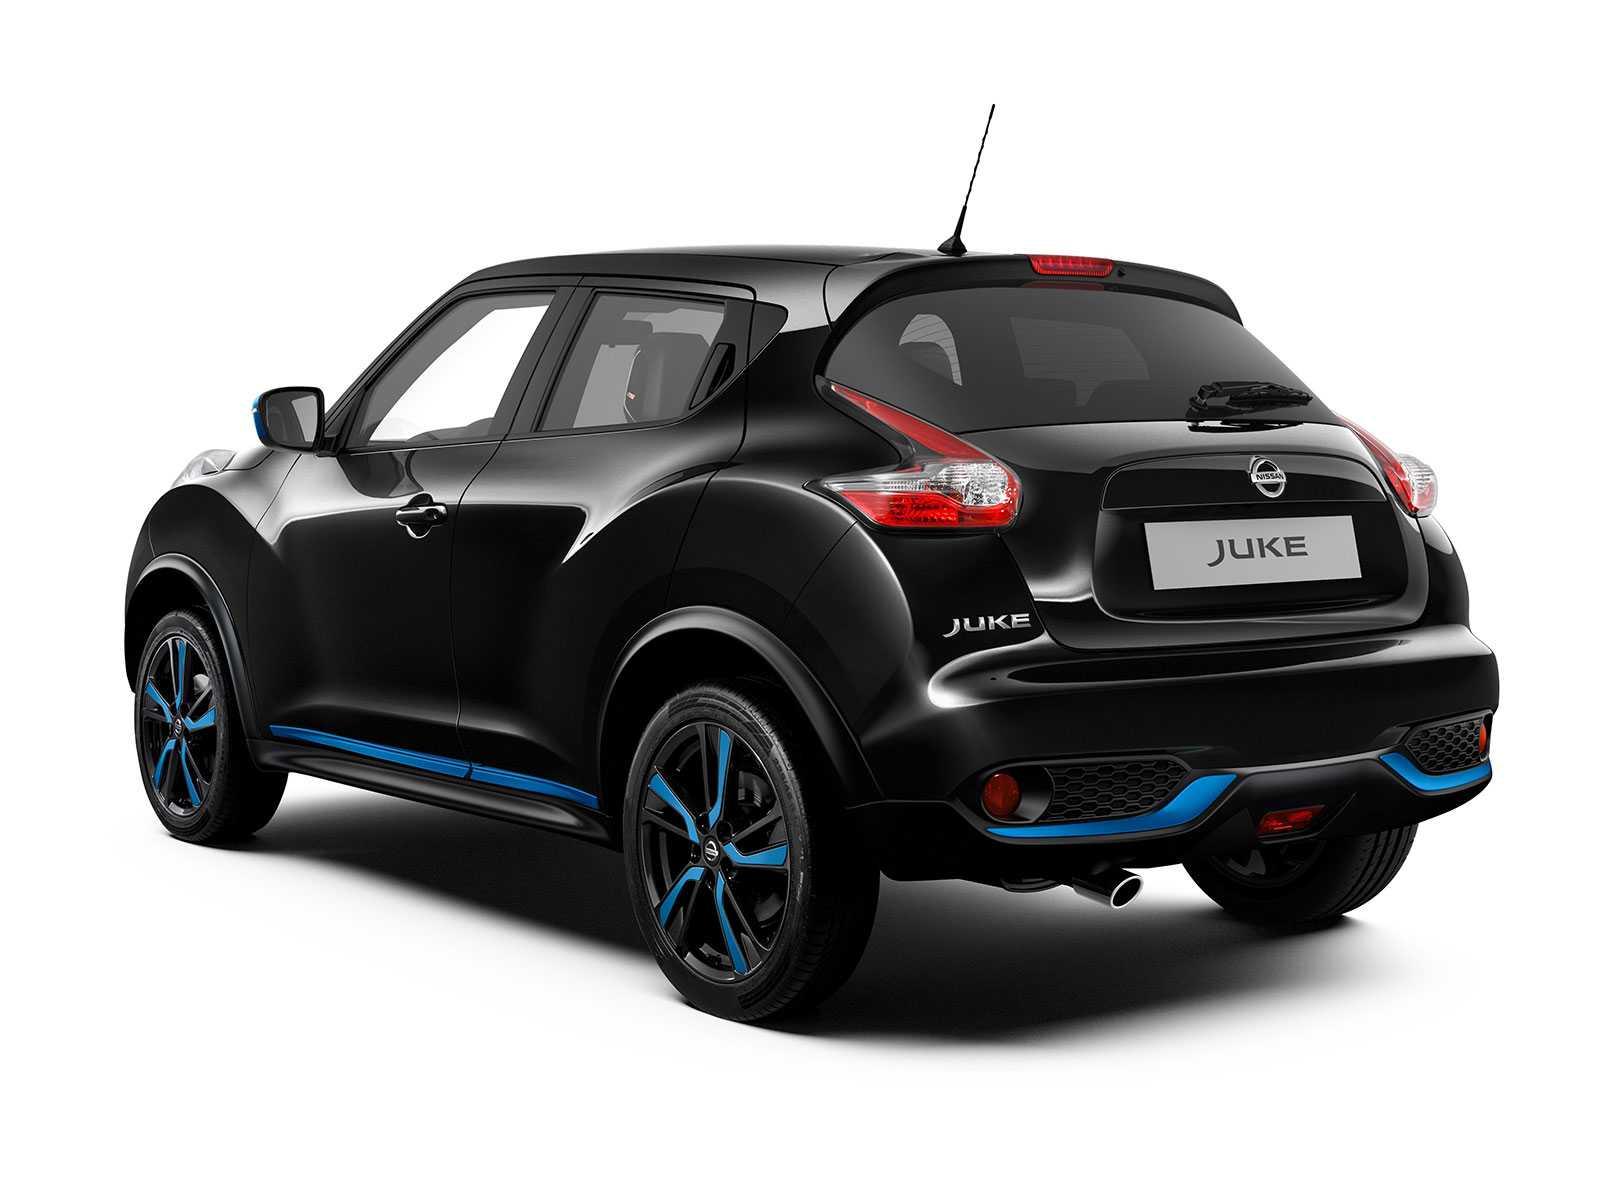 Nissan juke 1.6t cvt 4wd le (11.2014 - 05.2016) - технические характеристики